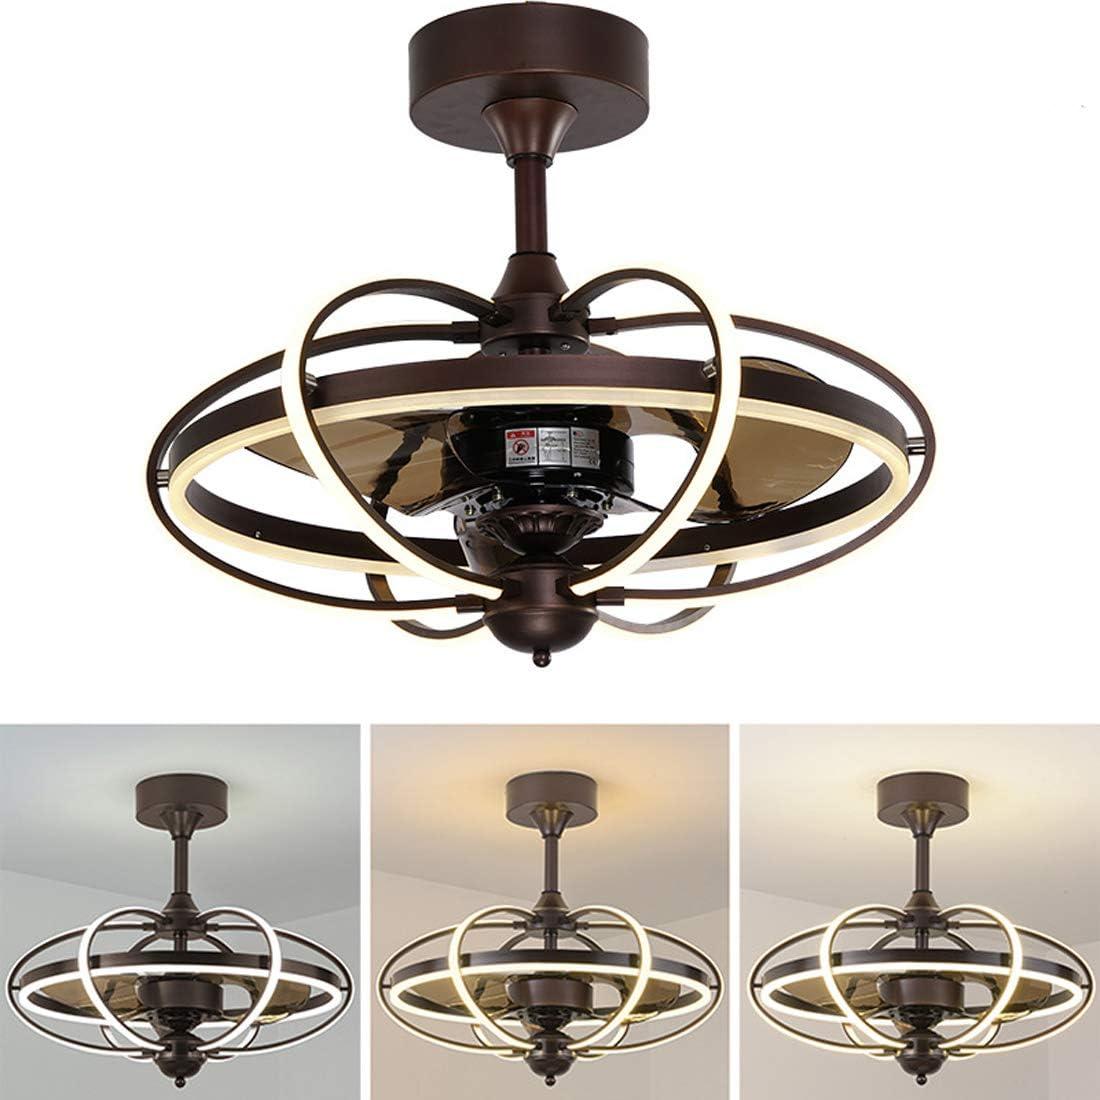 Ventilador de Techo con Control Remoto y luz LED, Ventiladores Reversibles, Lámpara de Suspensión de Ventilador ABS Fuente de luz LED Regulable en Tres Colores, φ60 * H55cm